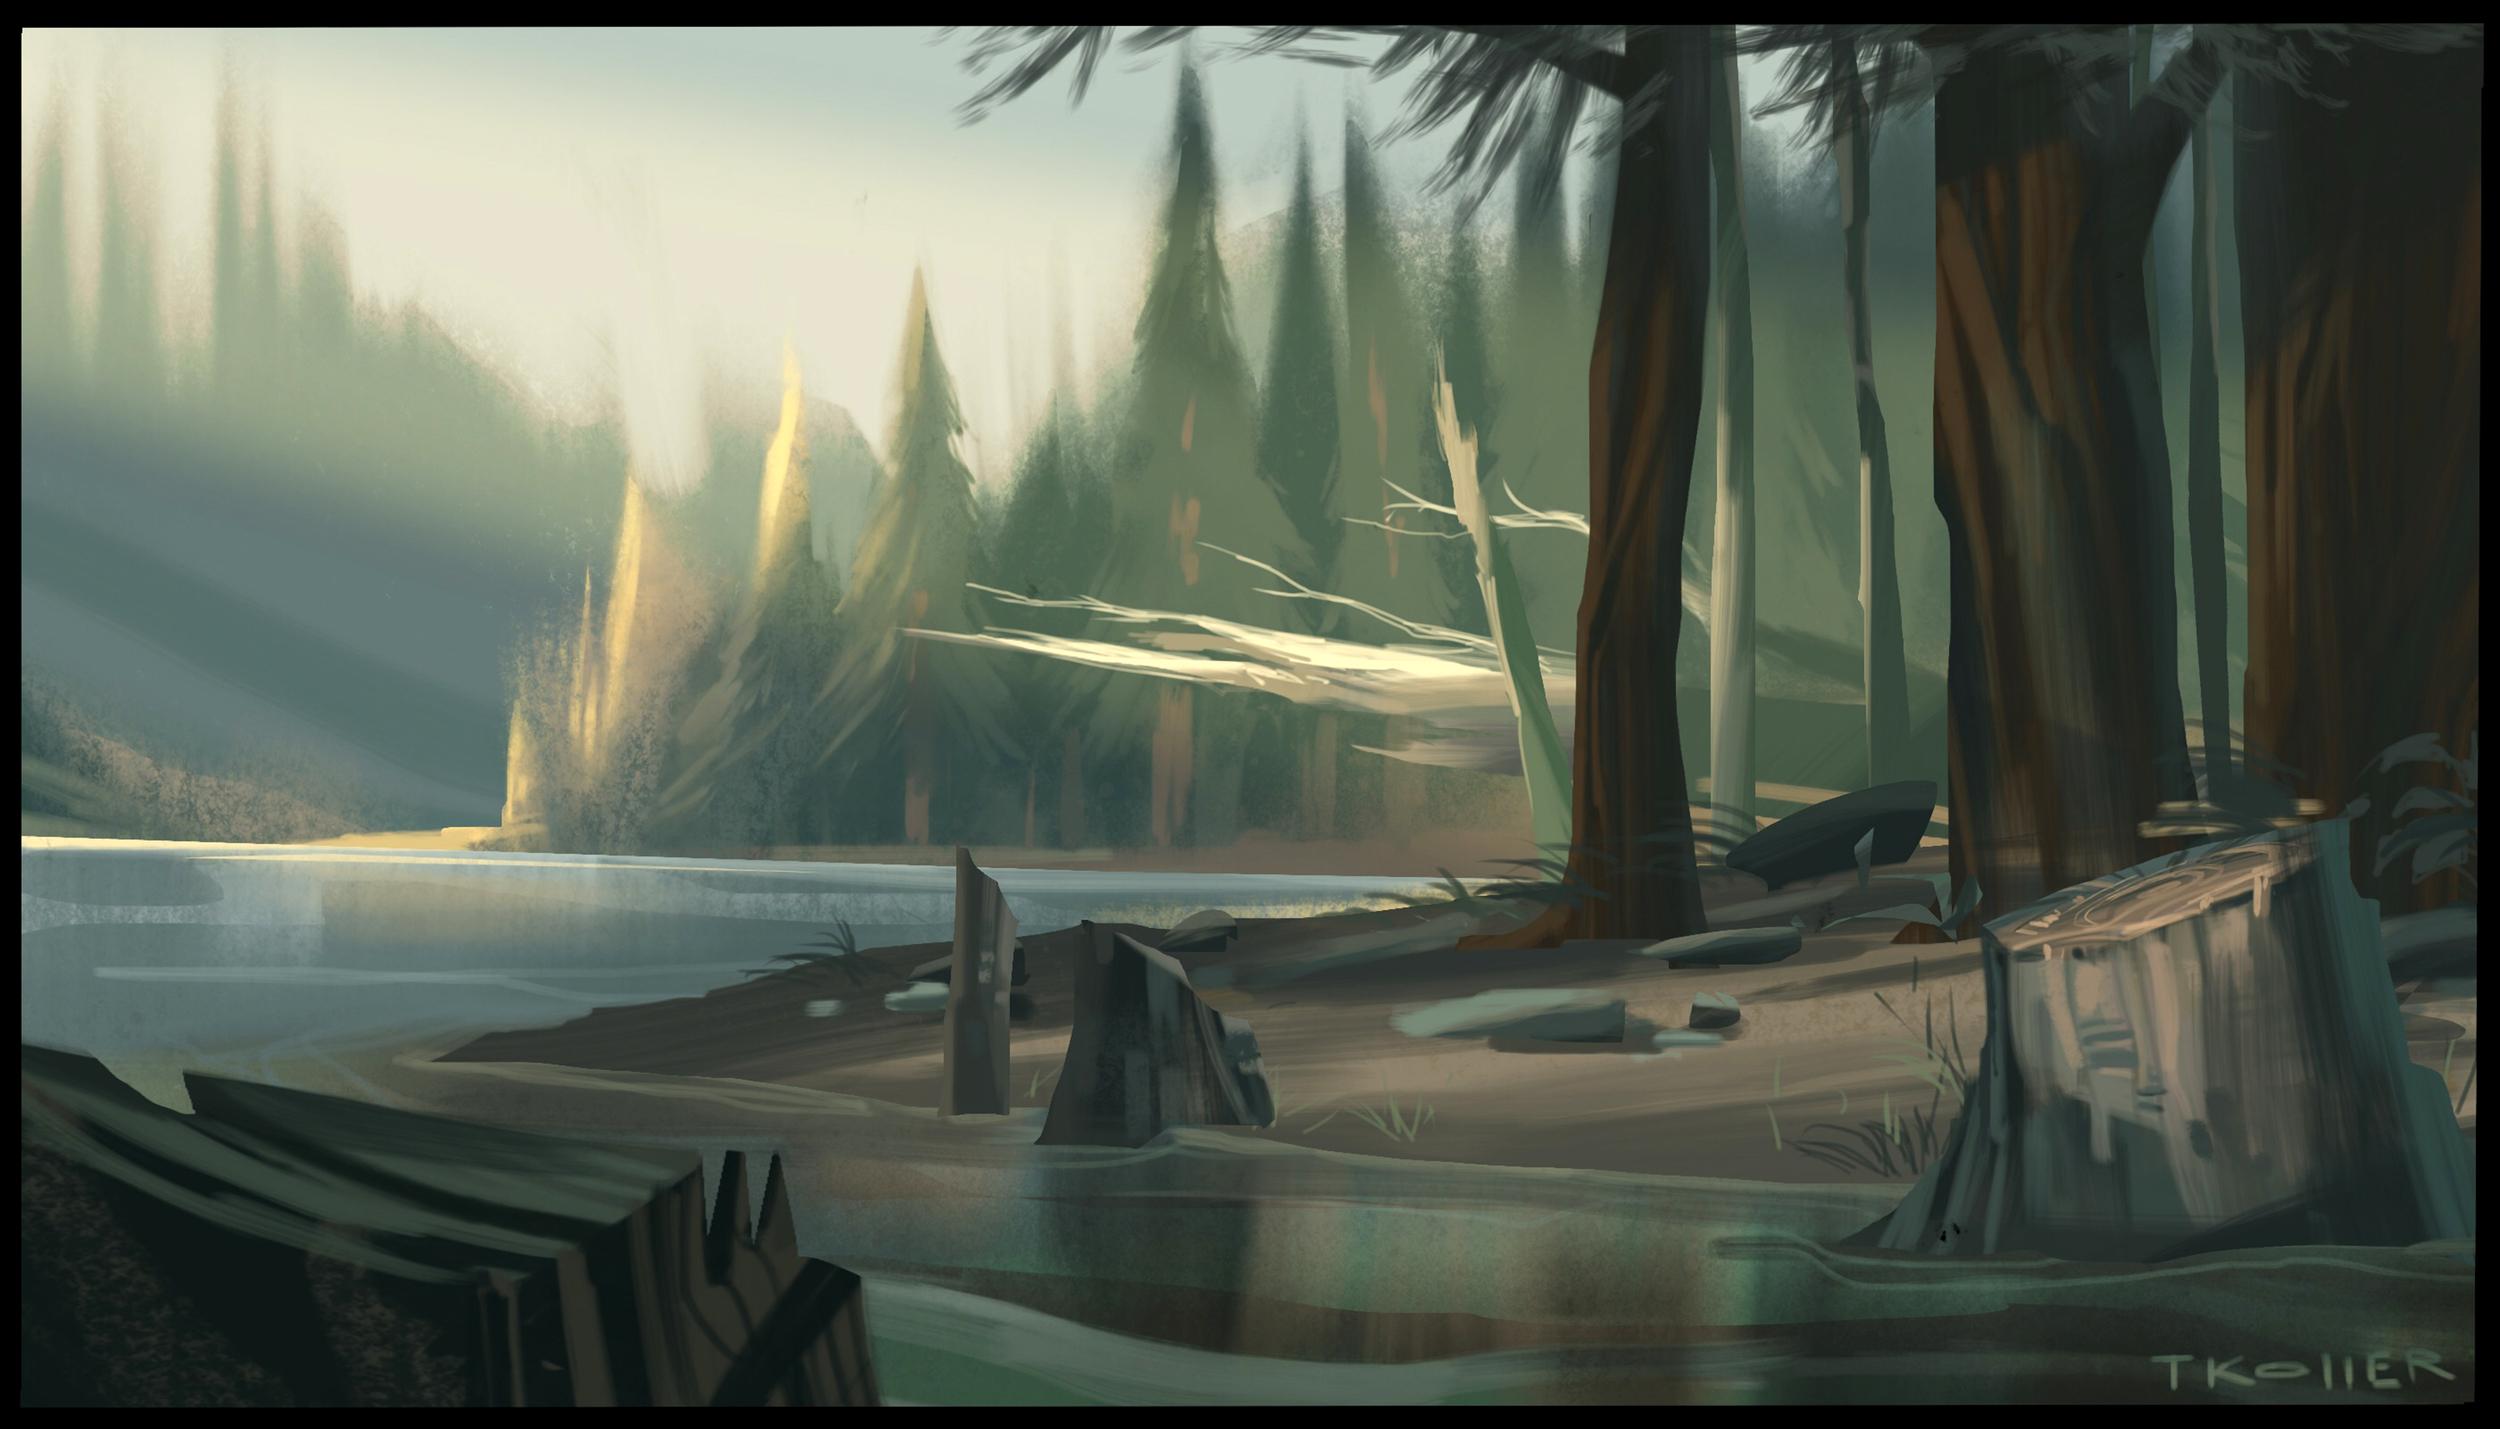 stump_lake.JPG